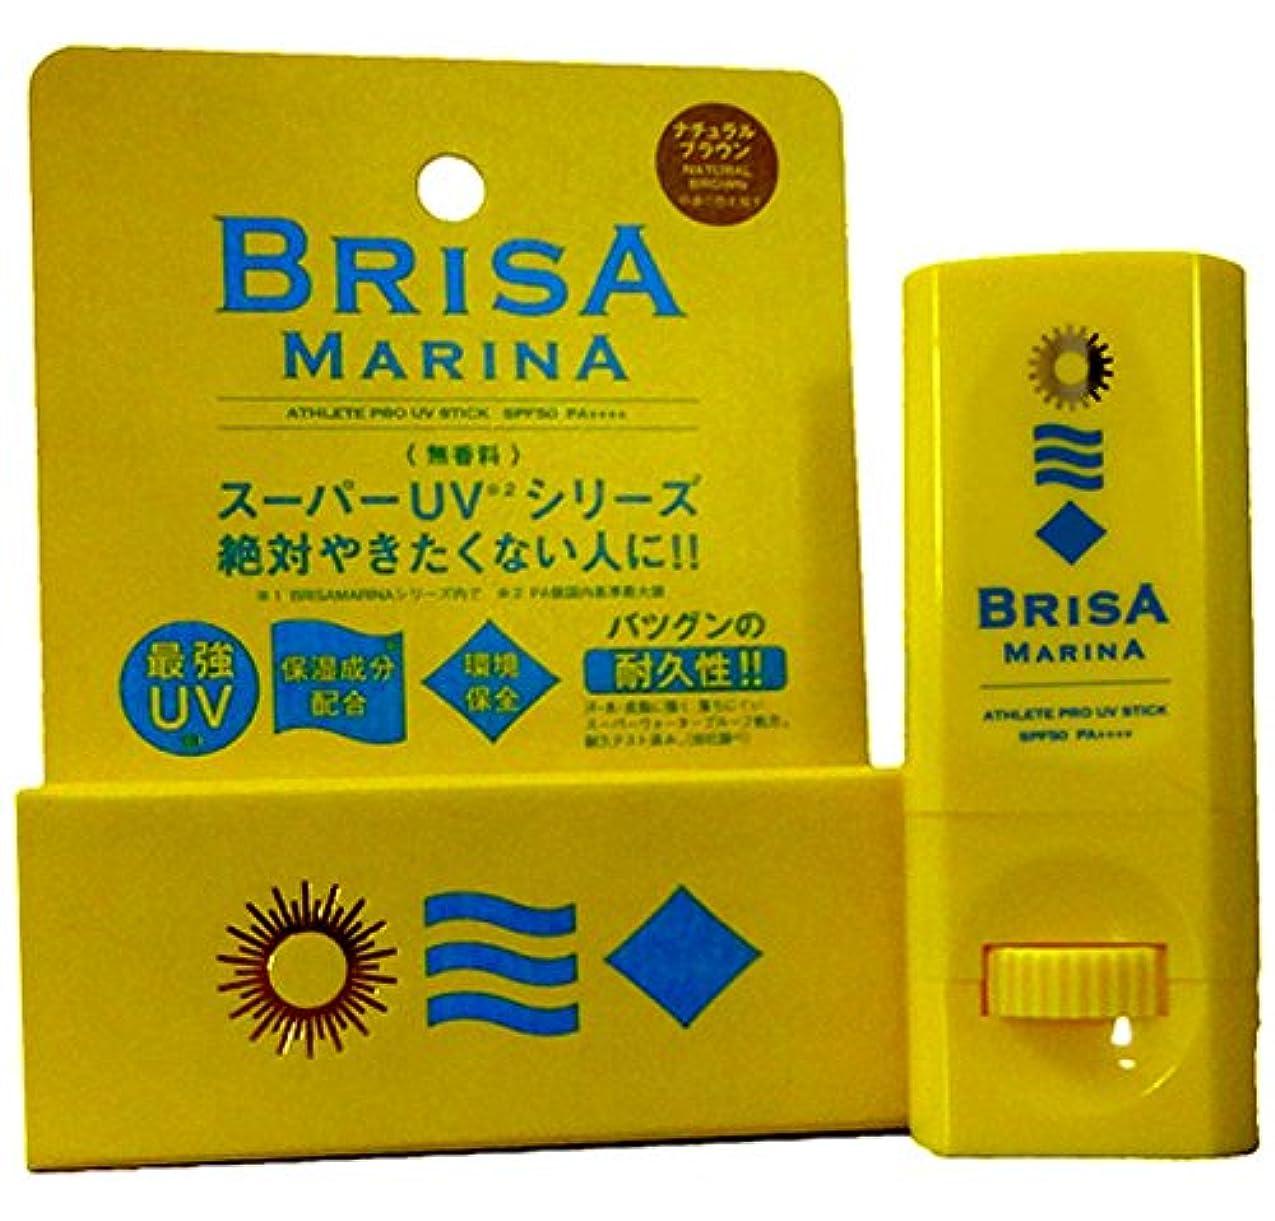 従事した立ち寄る理論BRISA MARINA(ブリサマリーナ) ATHLETE PRO UV STICK 10g 日焼け止め スティック (01-WHITE)